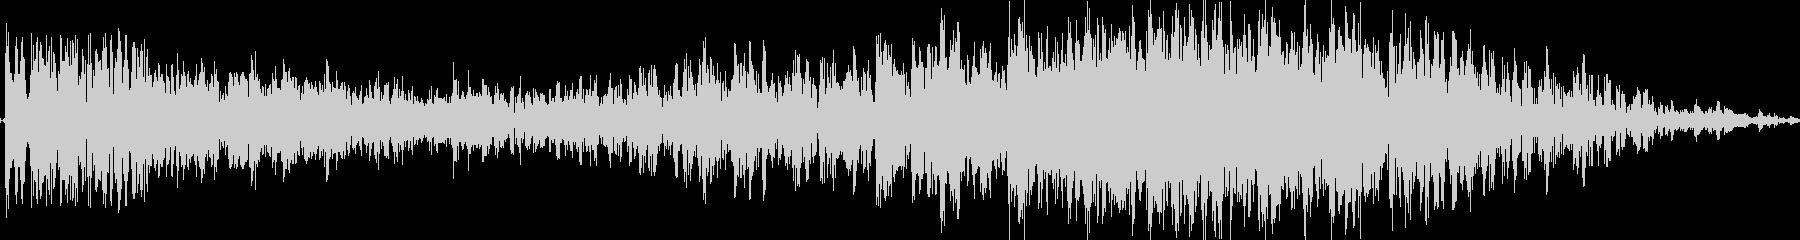 ヒュードロドロの未再生の波形